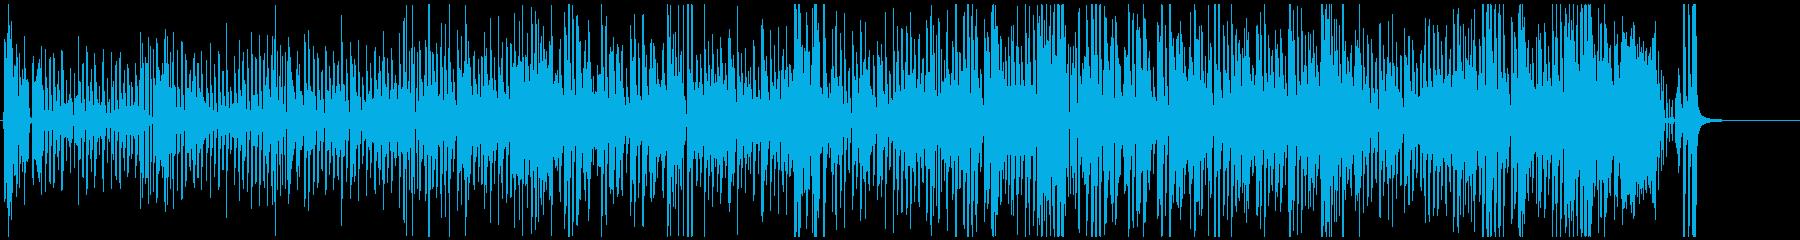 壊れたピアノ&ベースのジャズ系ハロウィンの再生済みの波形